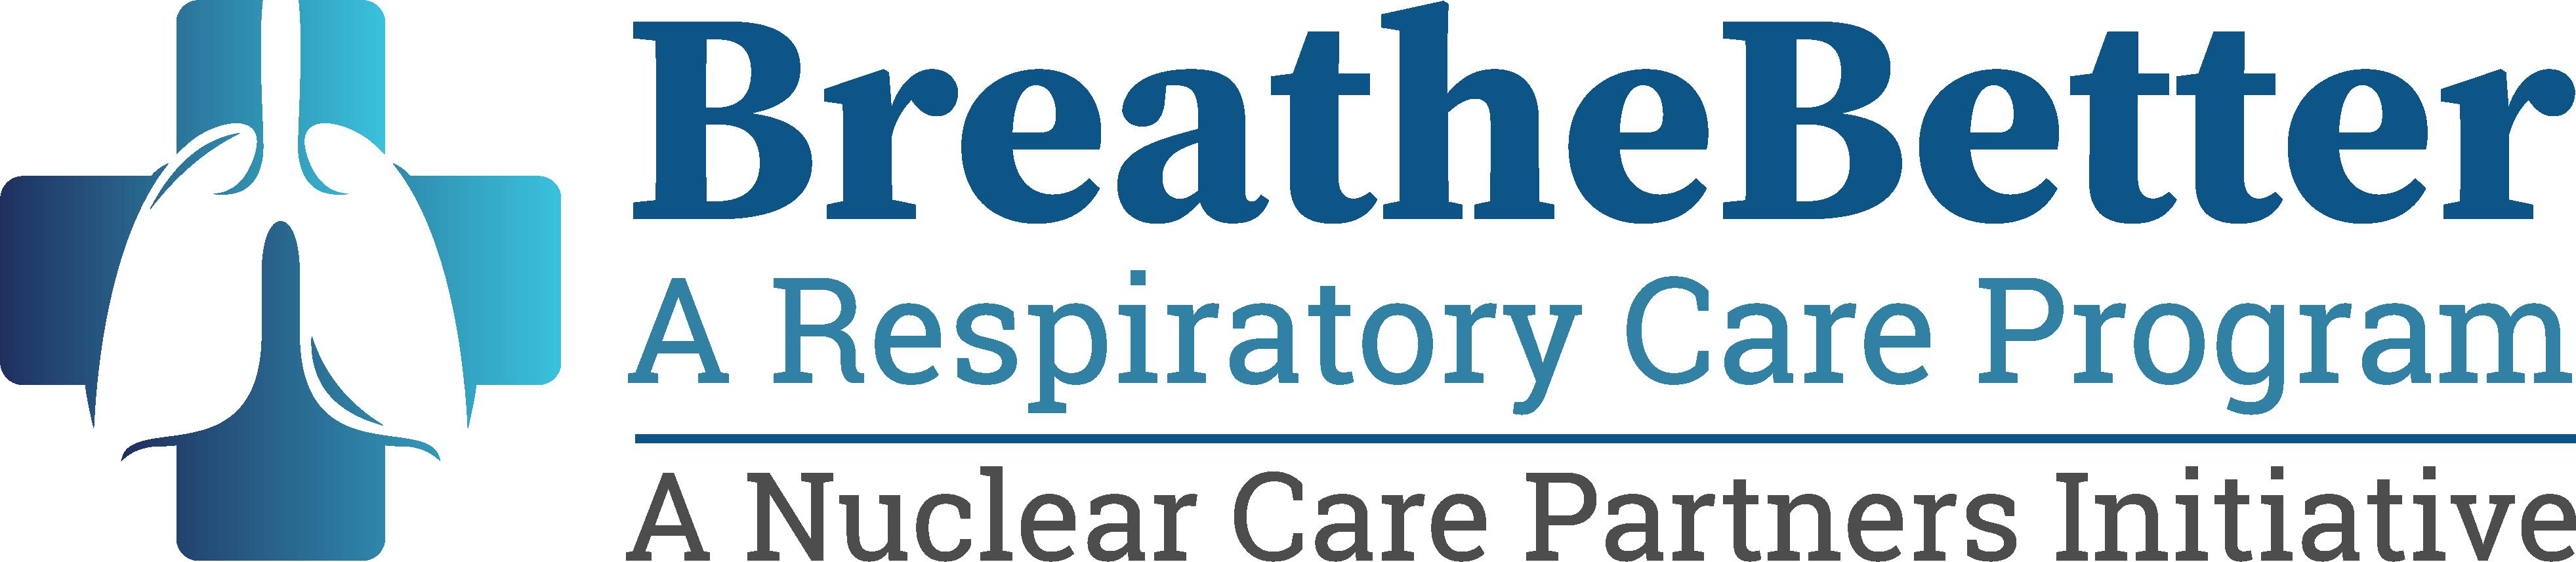 Breathe Better logo